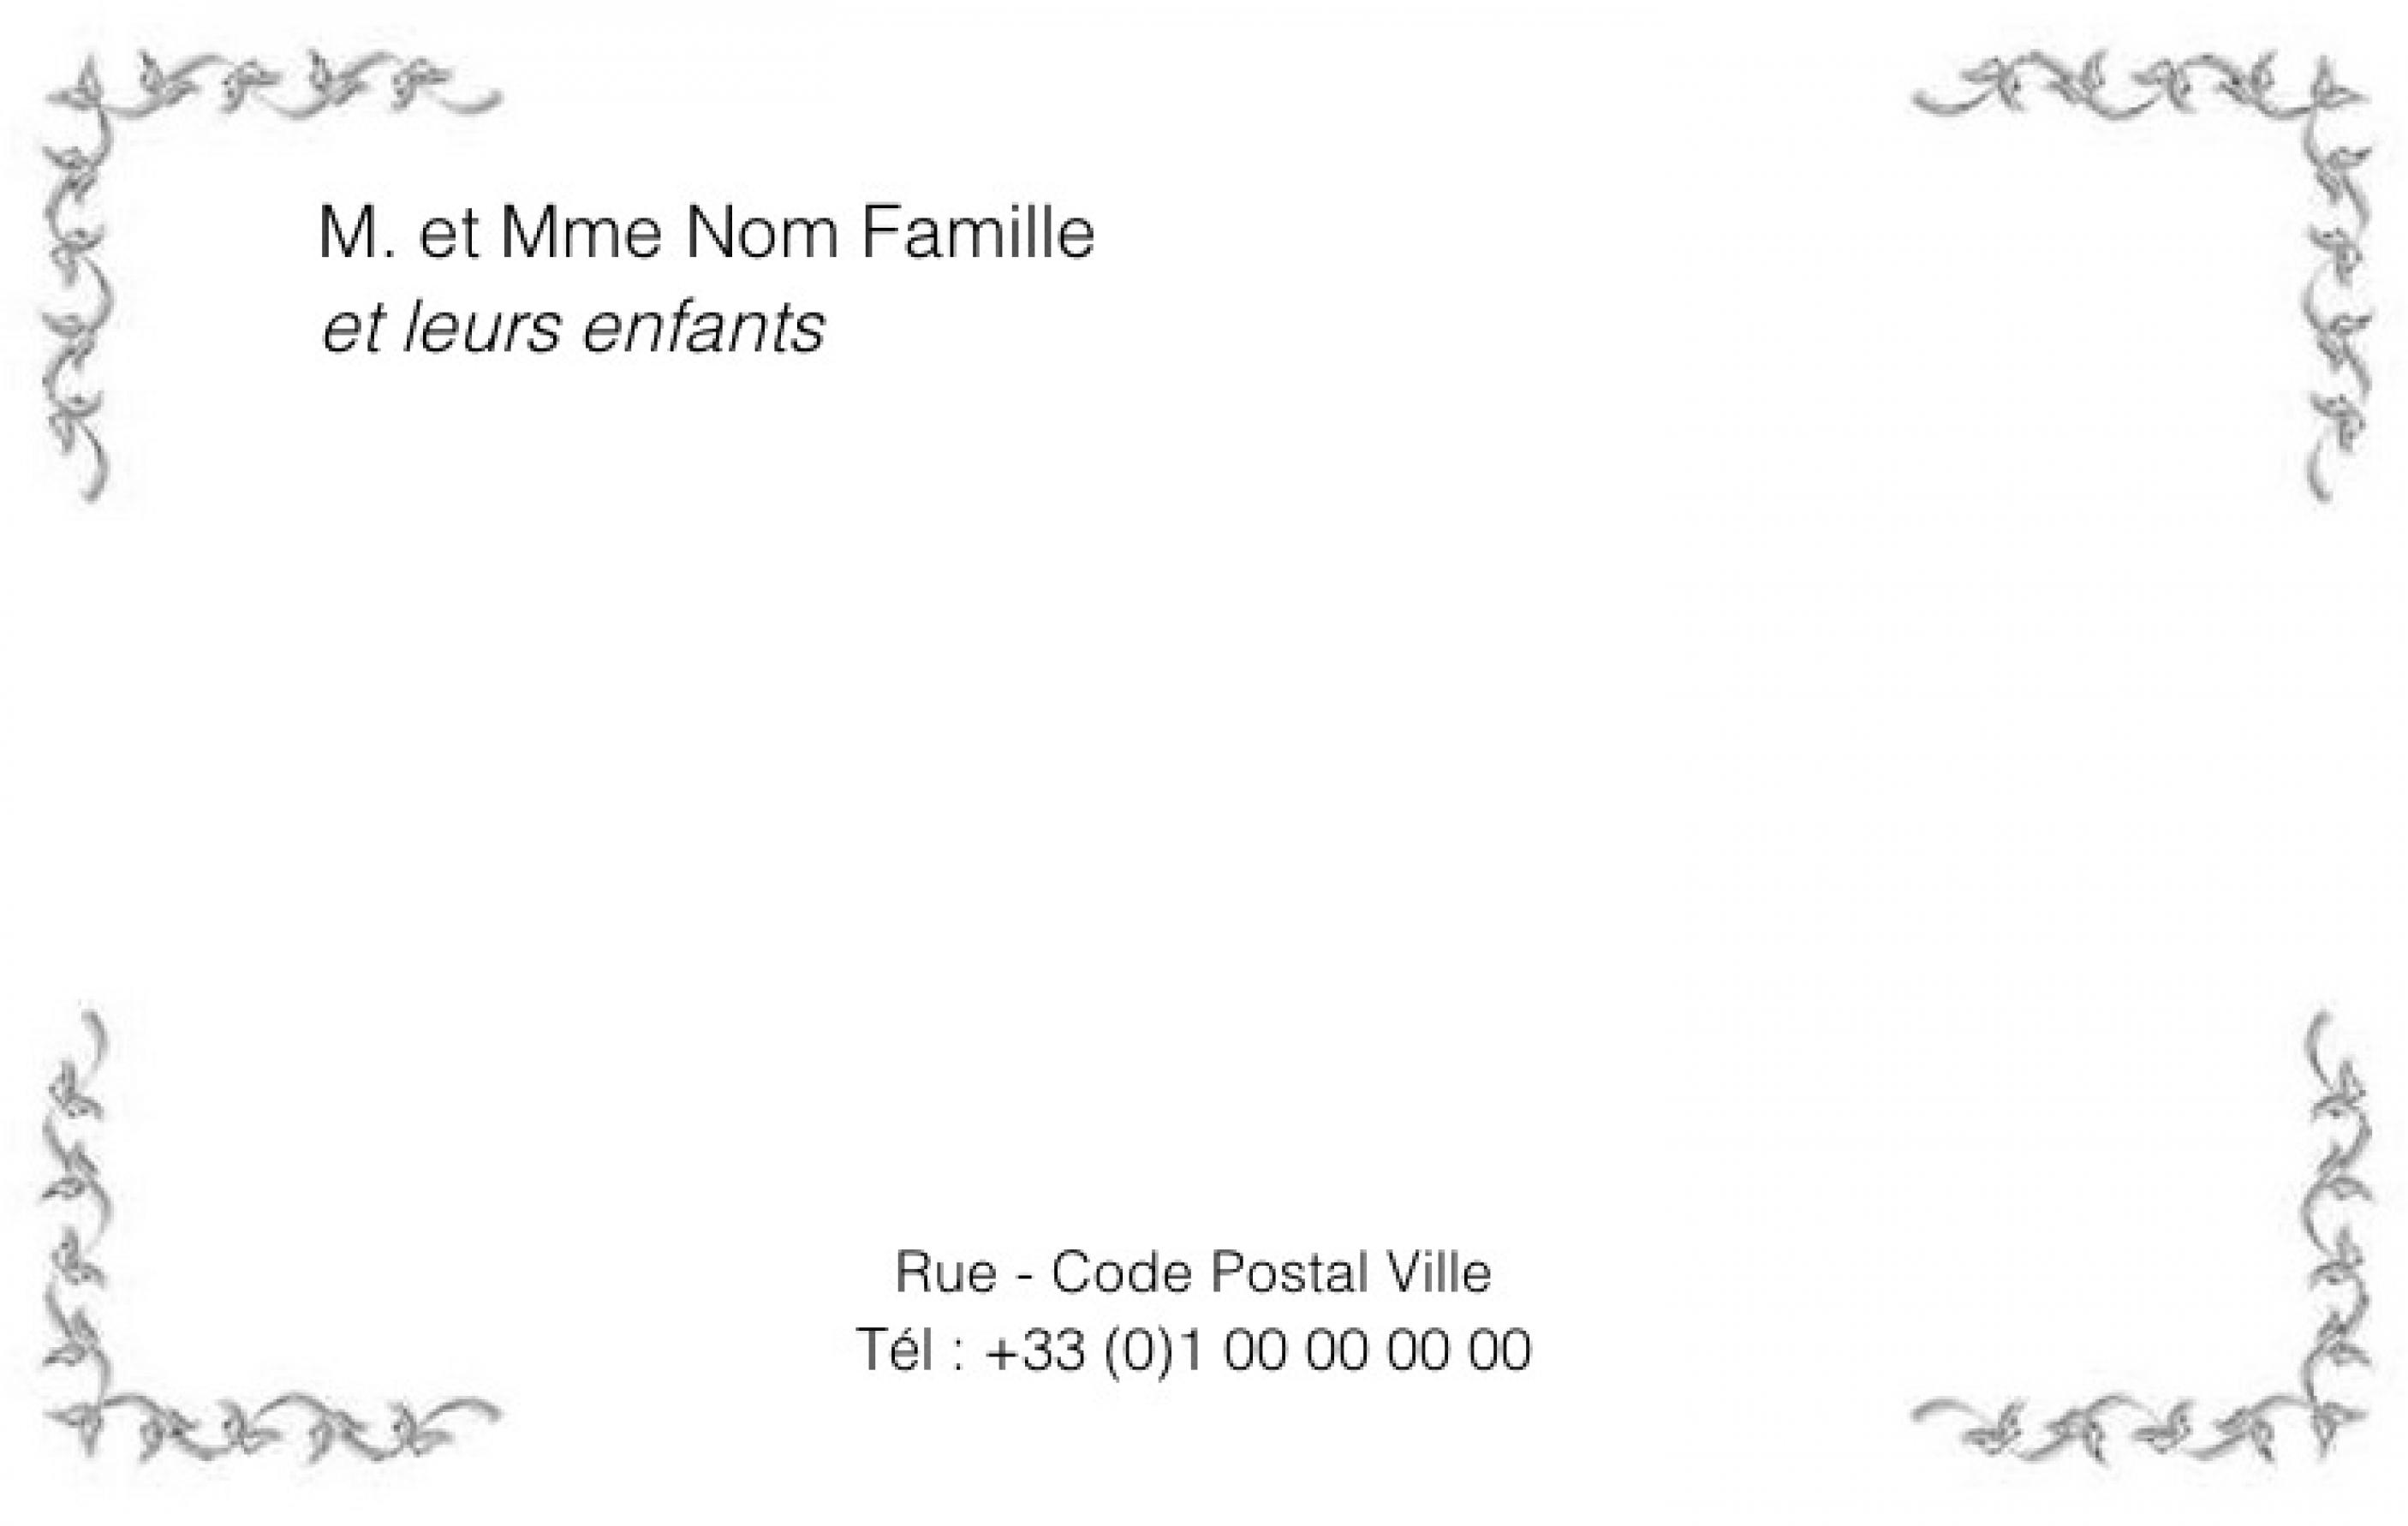 Carte de visite particulier grand format carte familiale cadre fleur - Carte de visite gratuite sans frais de port ...